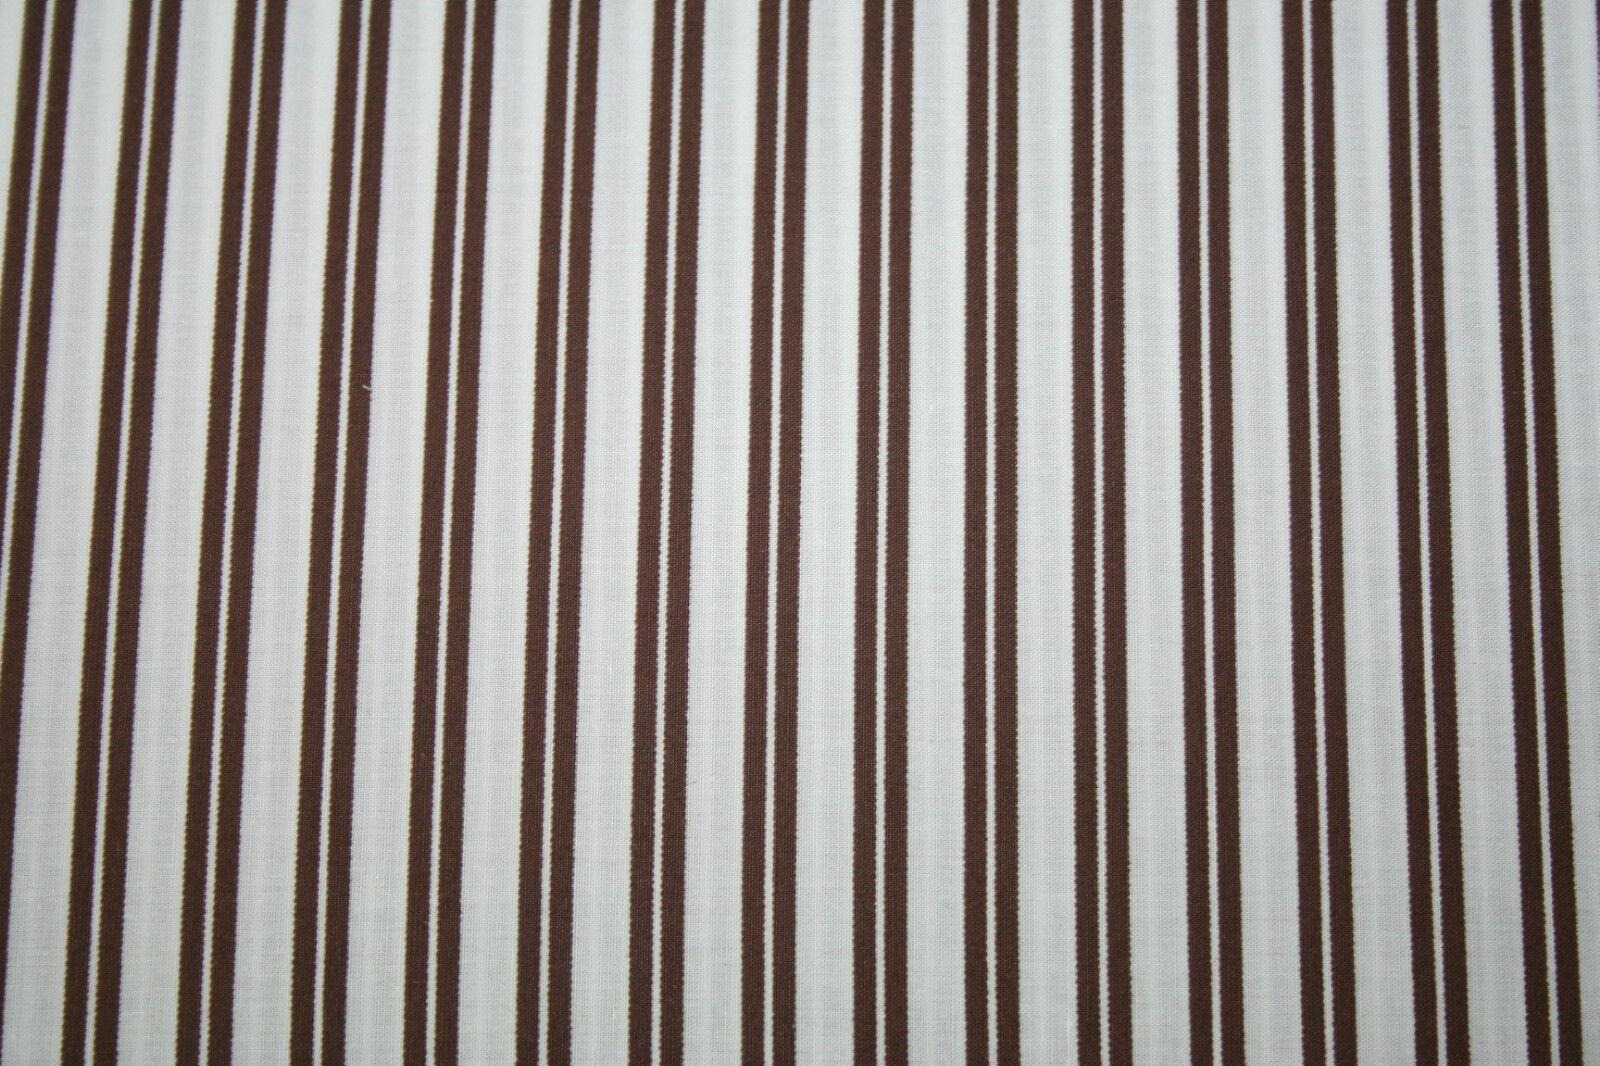 Ralph Lauren Home Fitted sheet, Bettlaken 140 x 200 cm Holden stripe braun